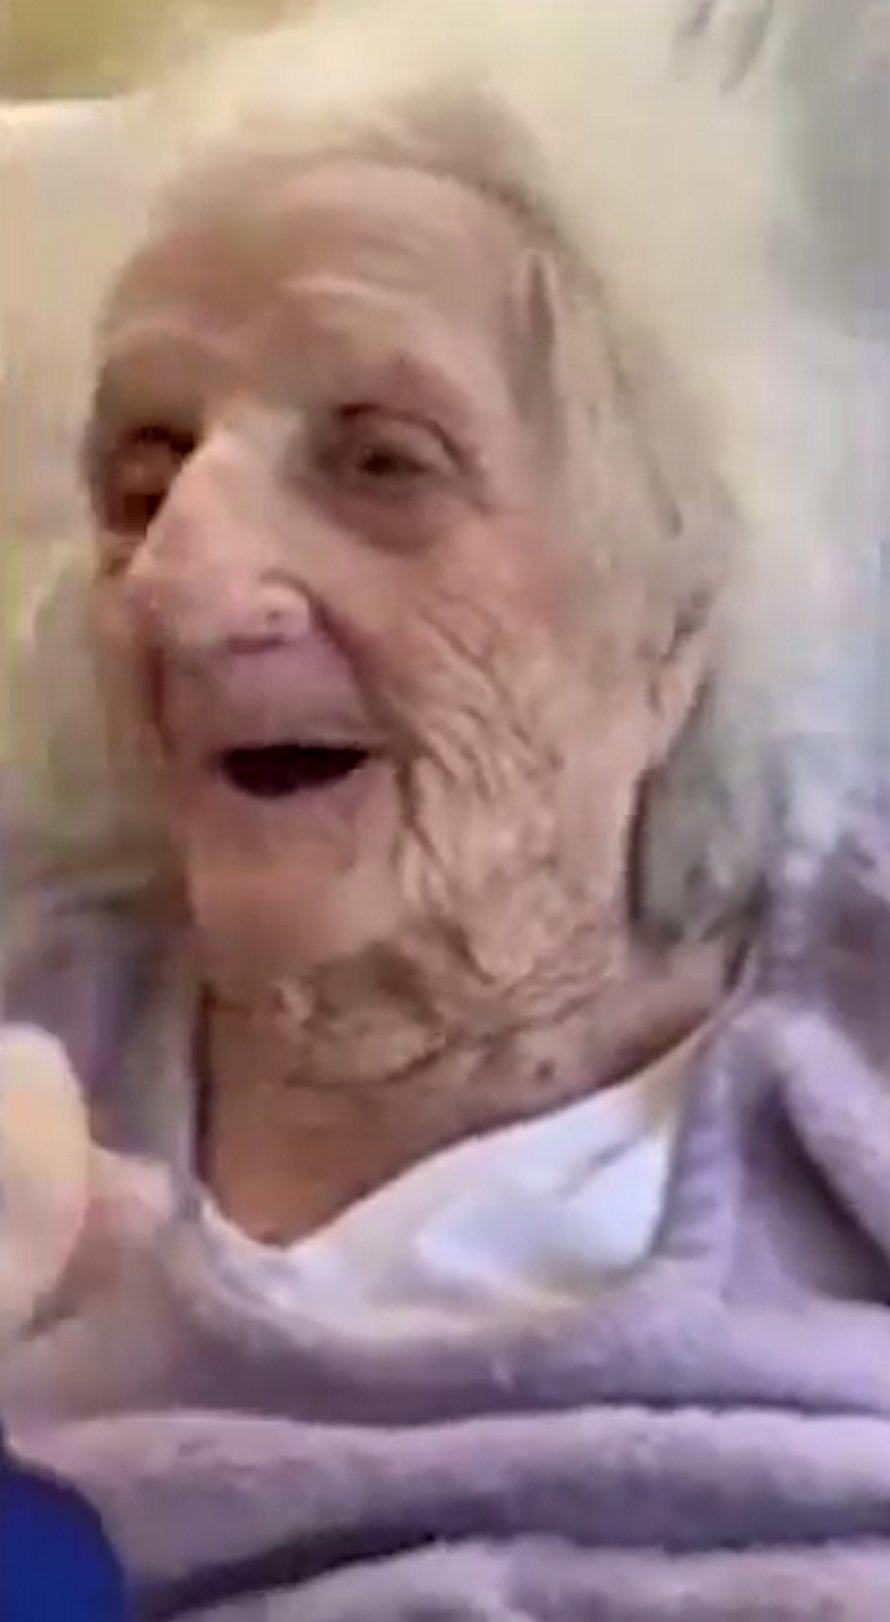 Une arrière-arrière-grand-mère de 103 ans guérit de la COVID-19 et célèbre en buvant une bière